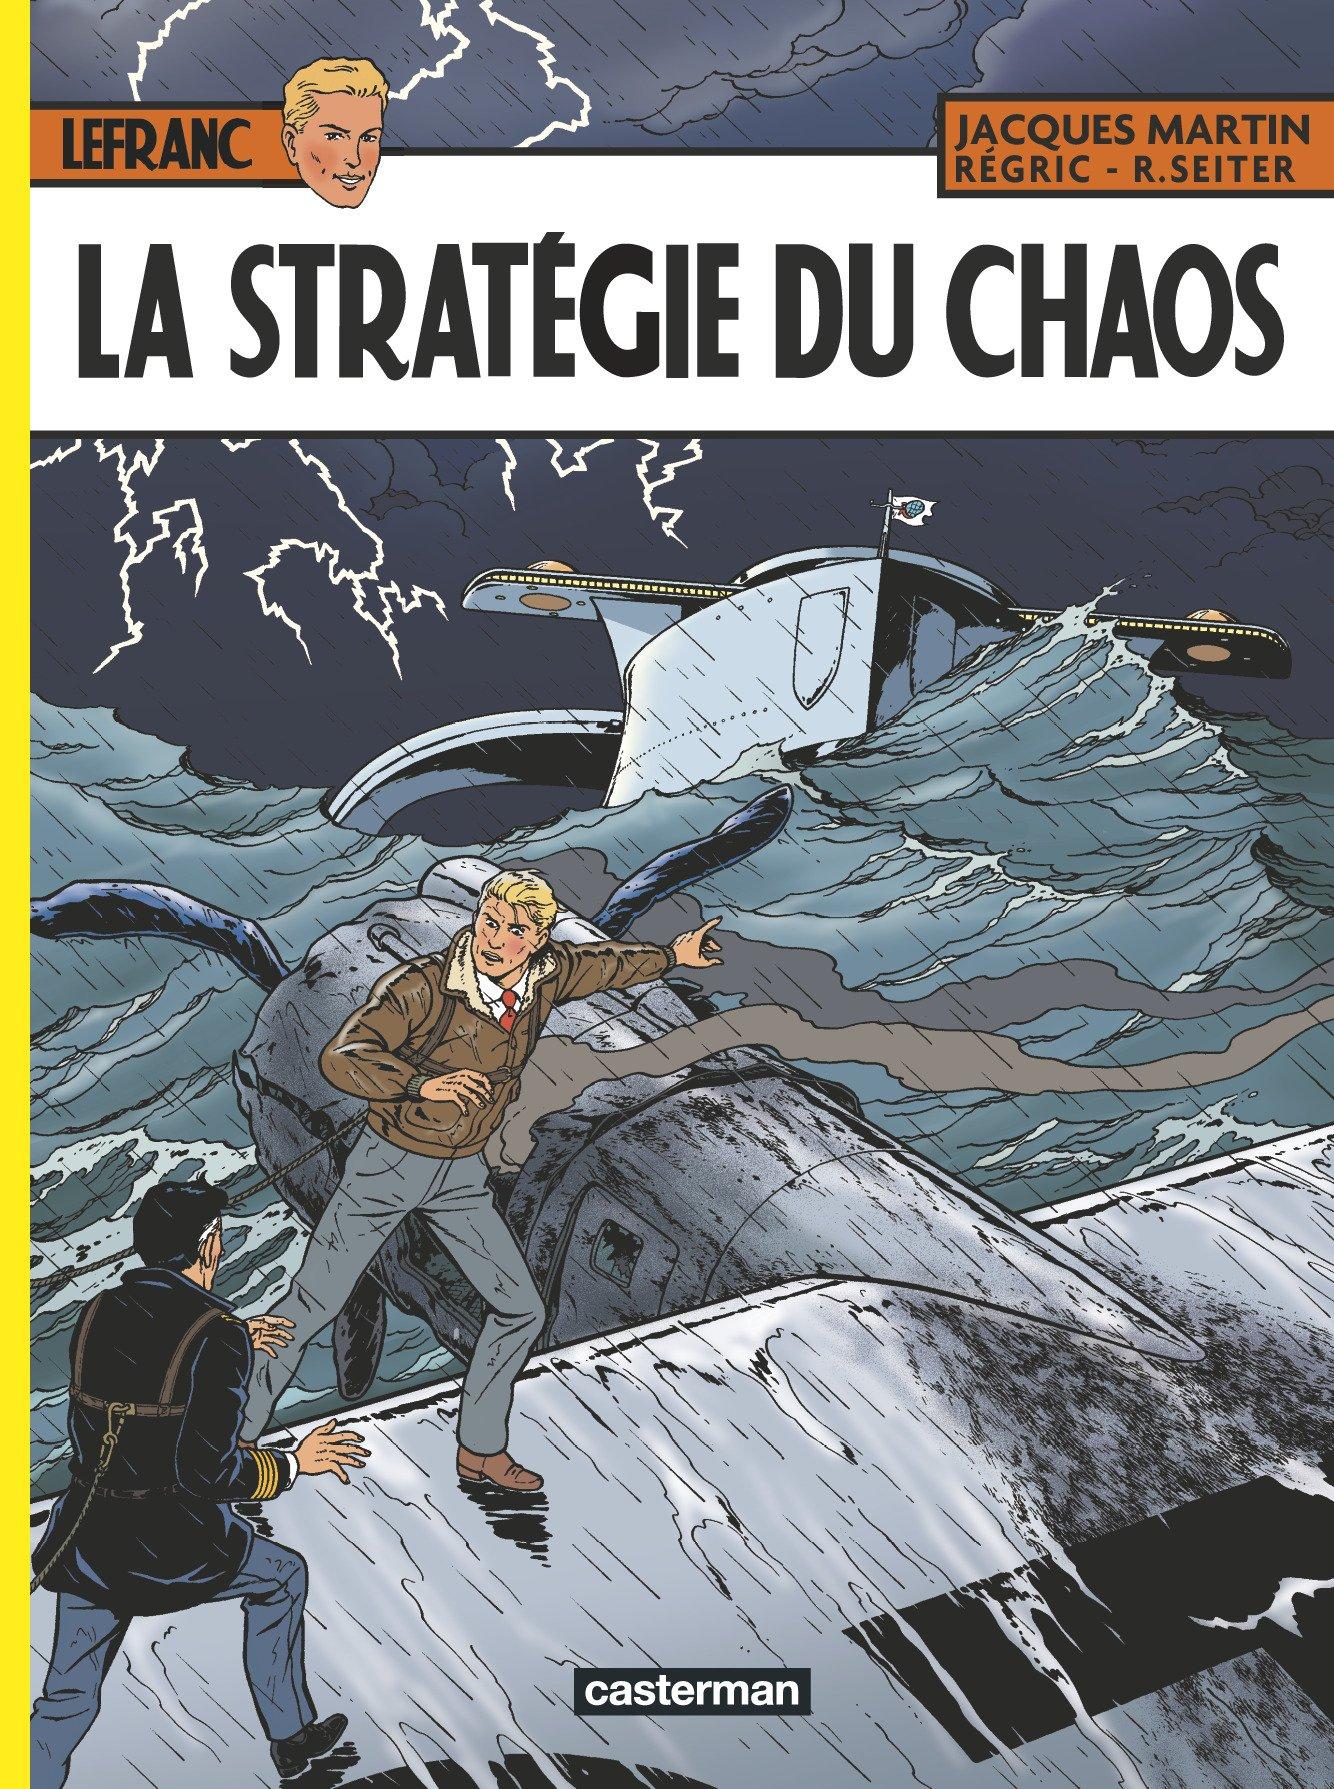 Lefranc, Tome 29 : La stratégie du chaos Album – 11 avril 2018 Frédéric Régric Jacques Martin Bruno Wesel Roger Seiter